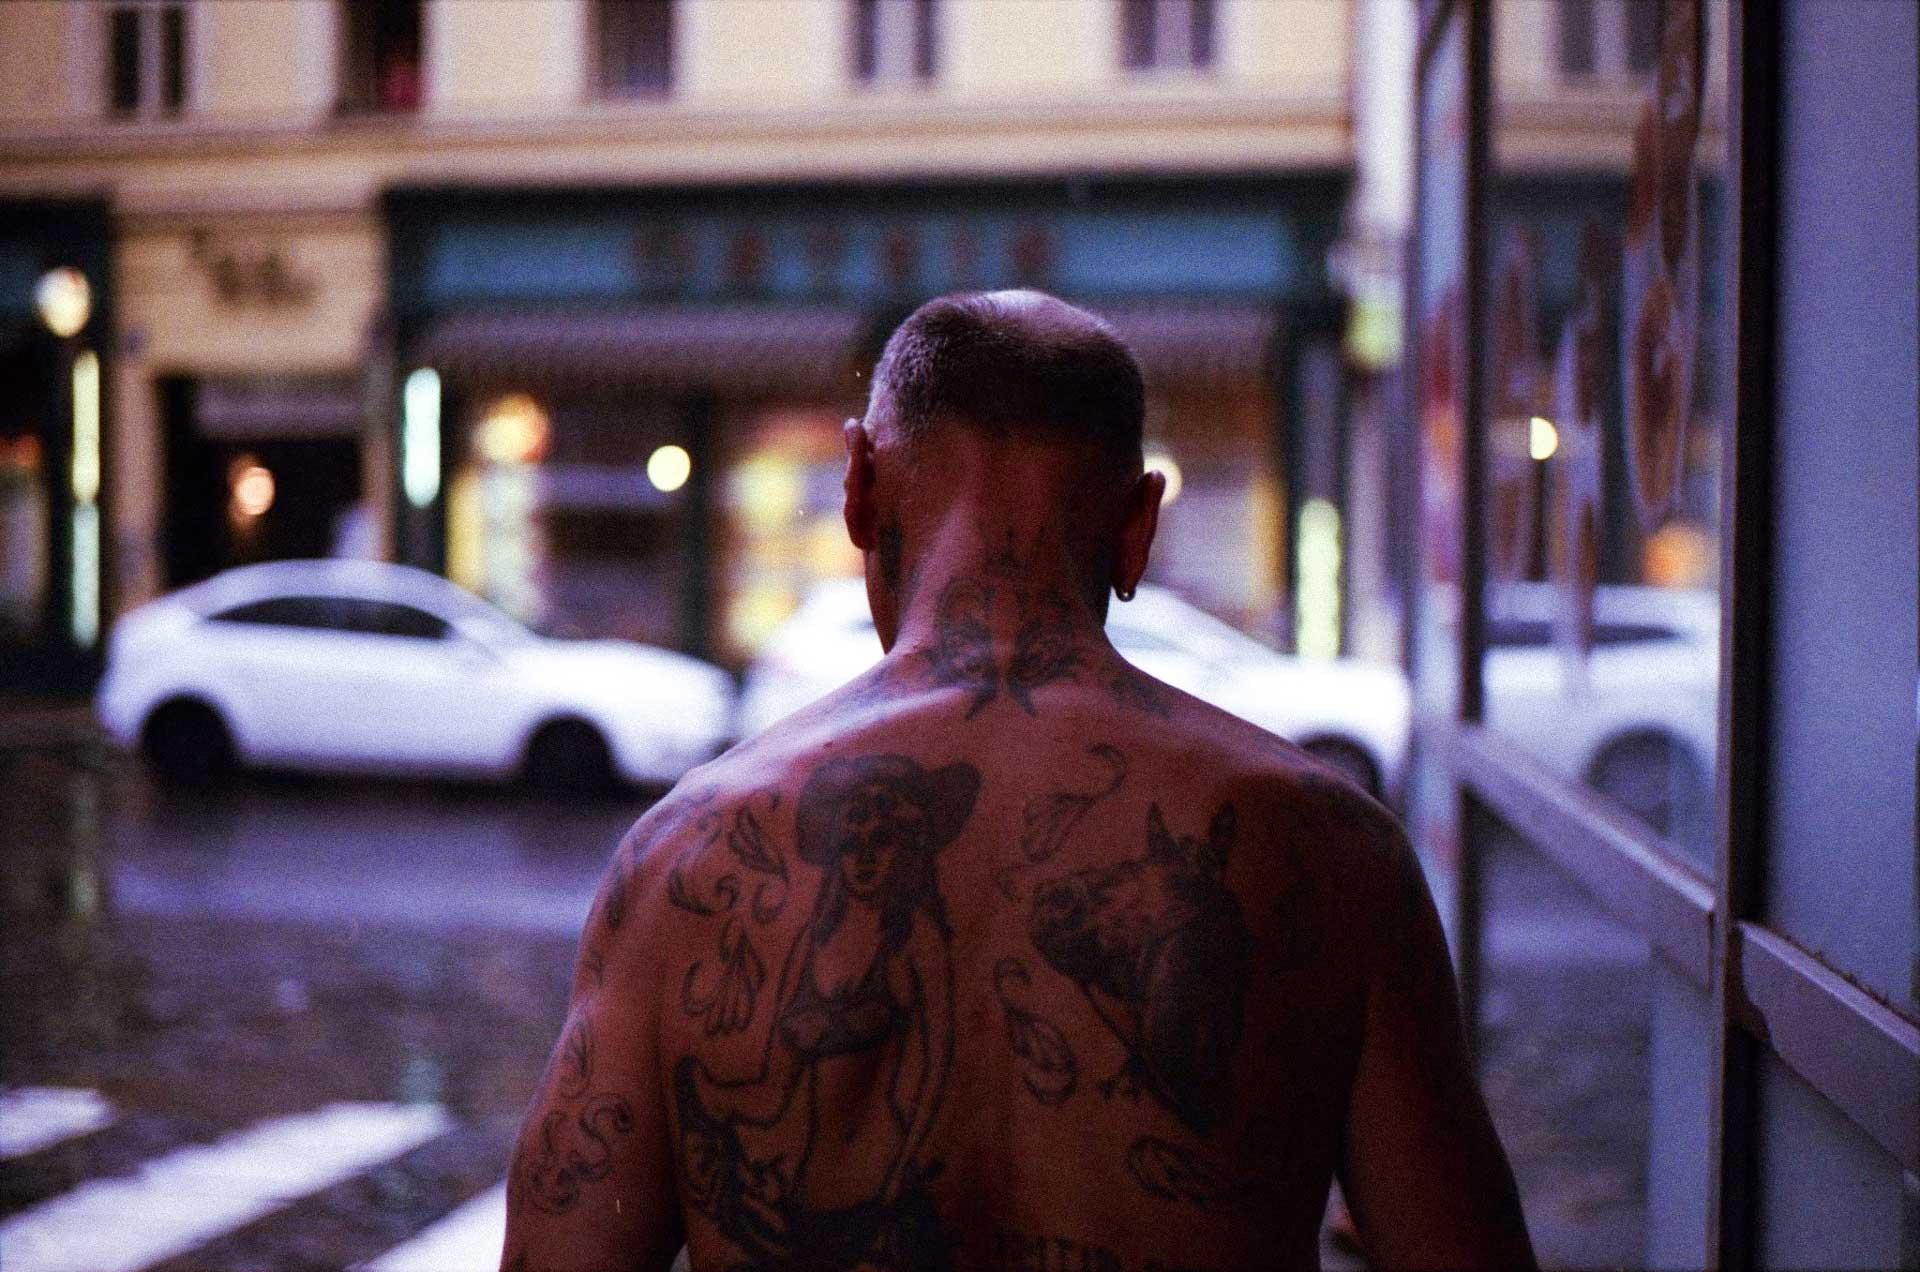 david hofmann cinematographer photo 3